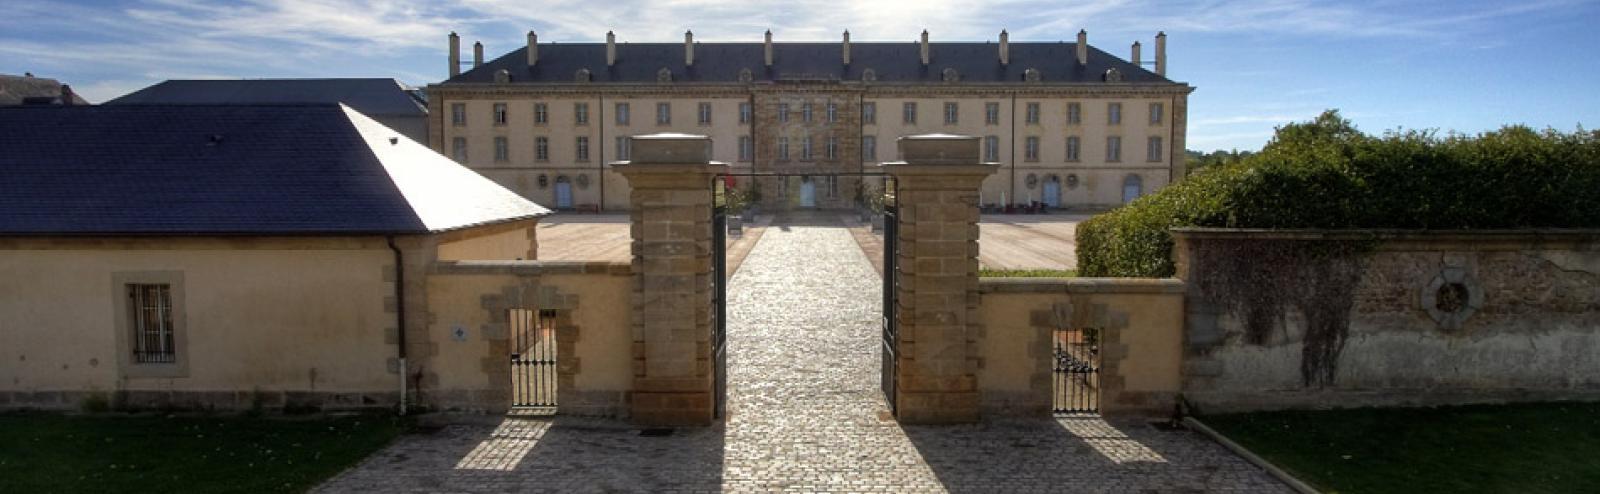 Centre national du costume de scène, Moulins